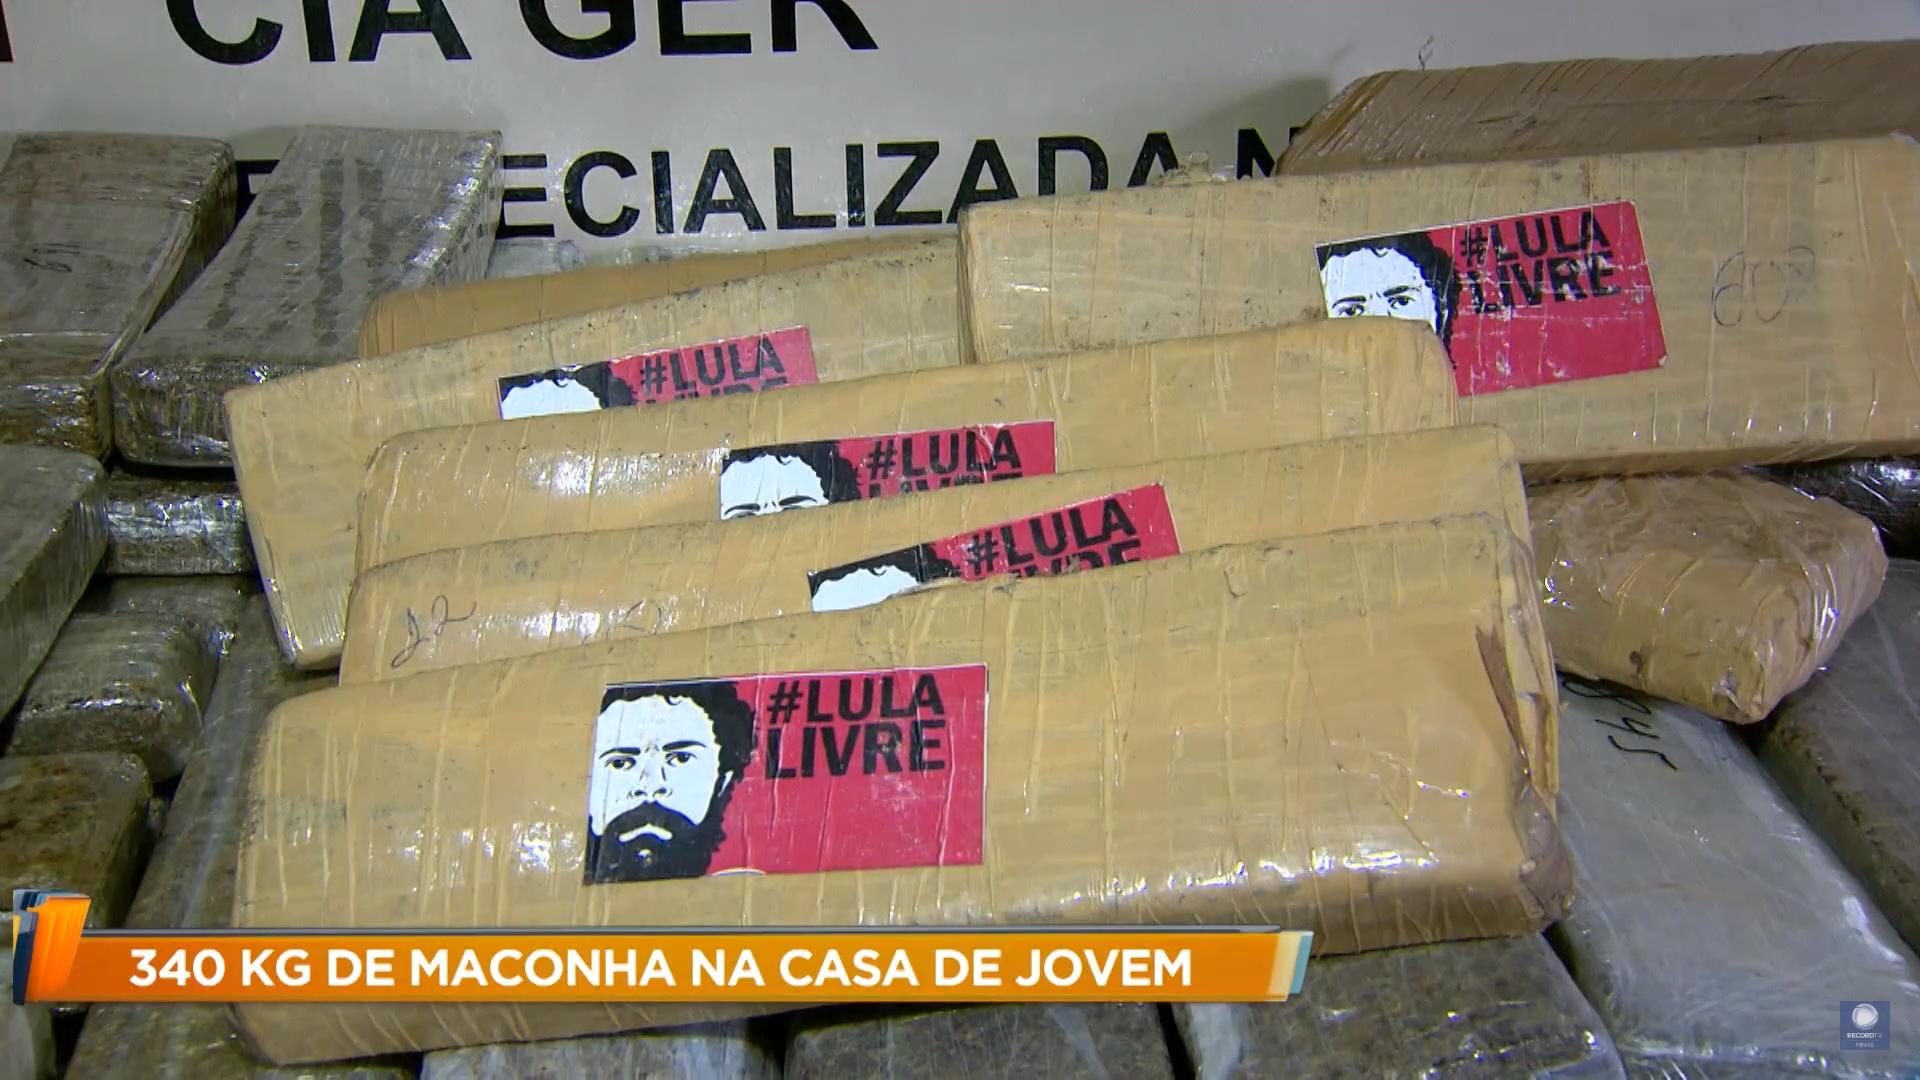 Foto: Reprodução/RecordTV Minas